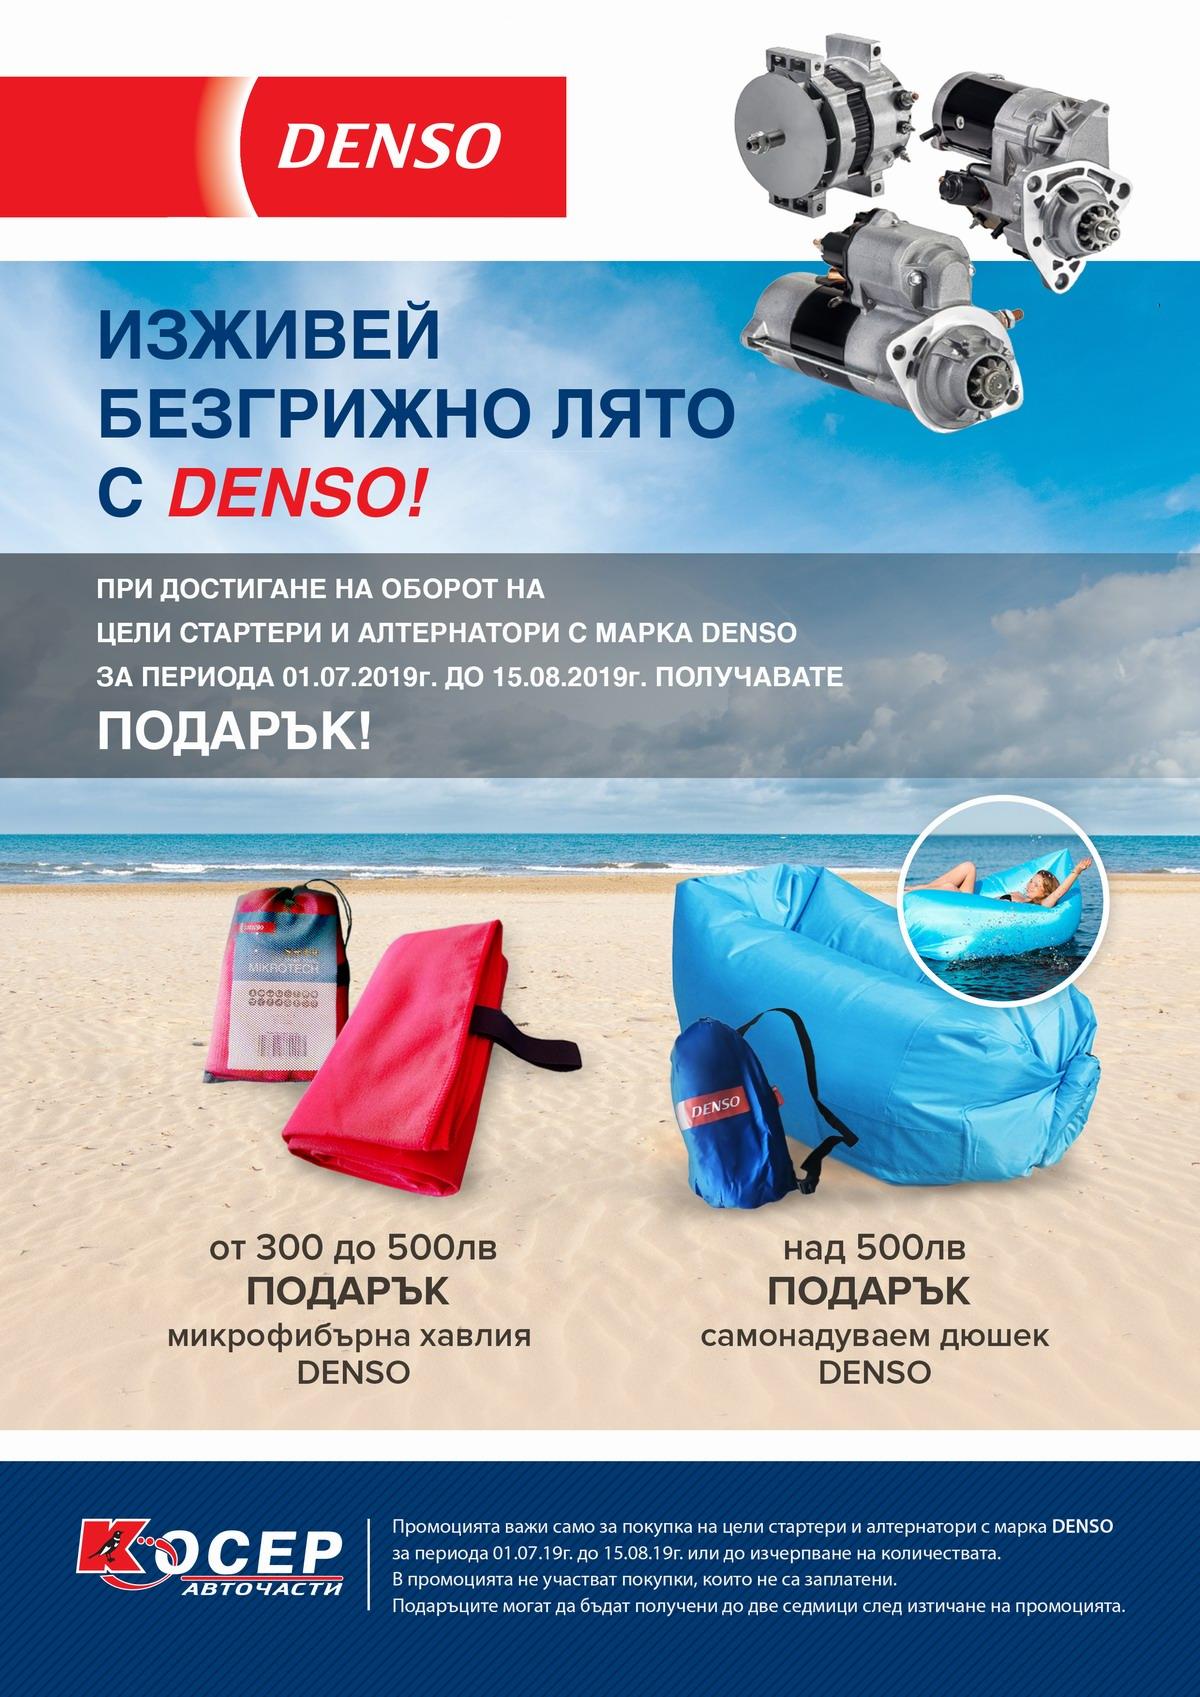 Промоция DENSO - 01.07.2019 до 15.08.2019